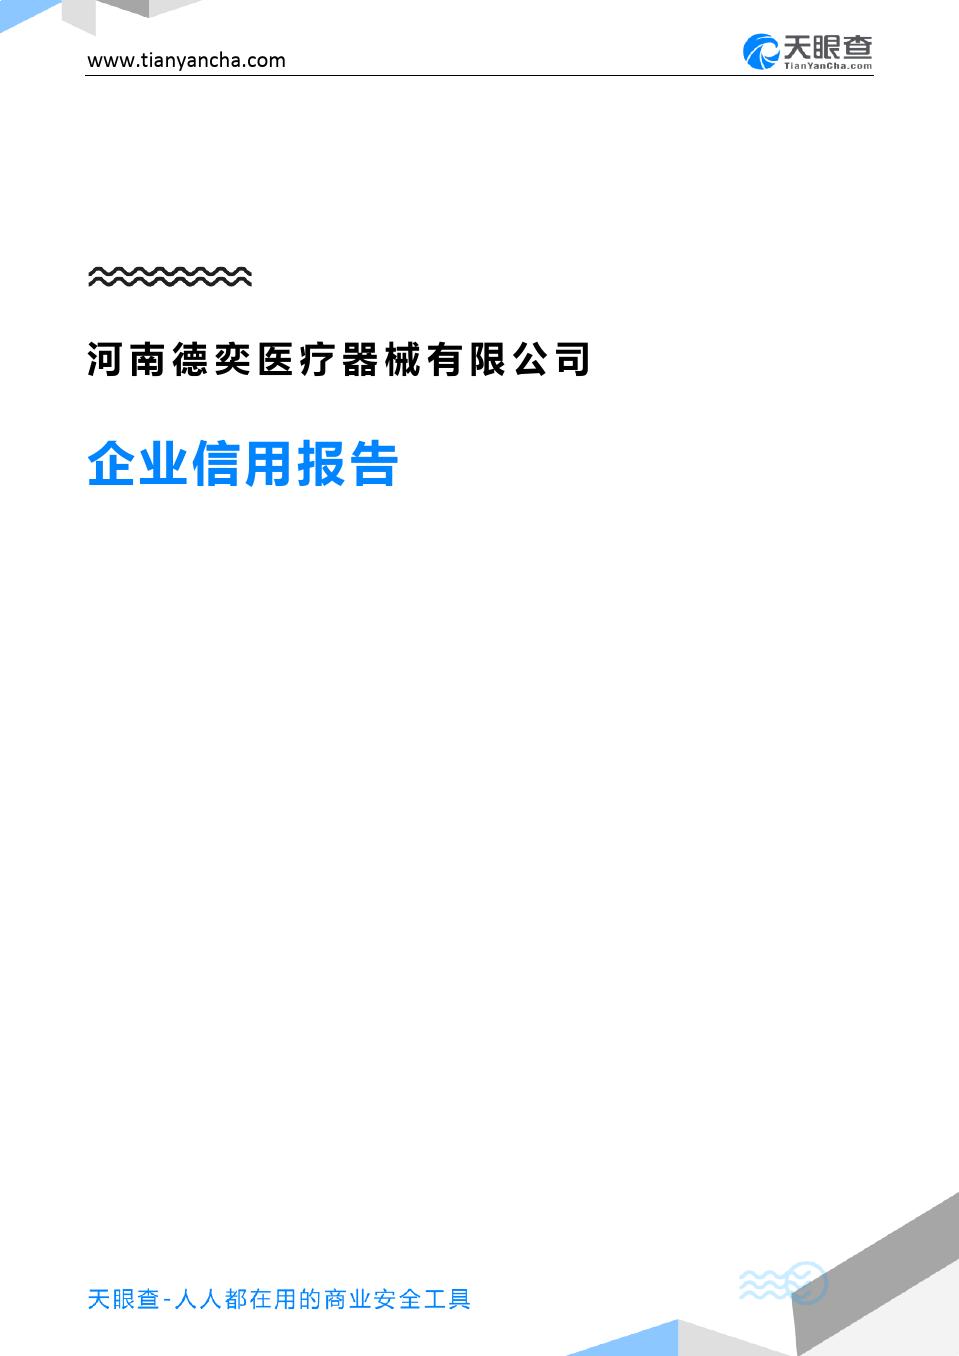 河南德奕医疗器械有限公司(企业信用报告)- 天眼查